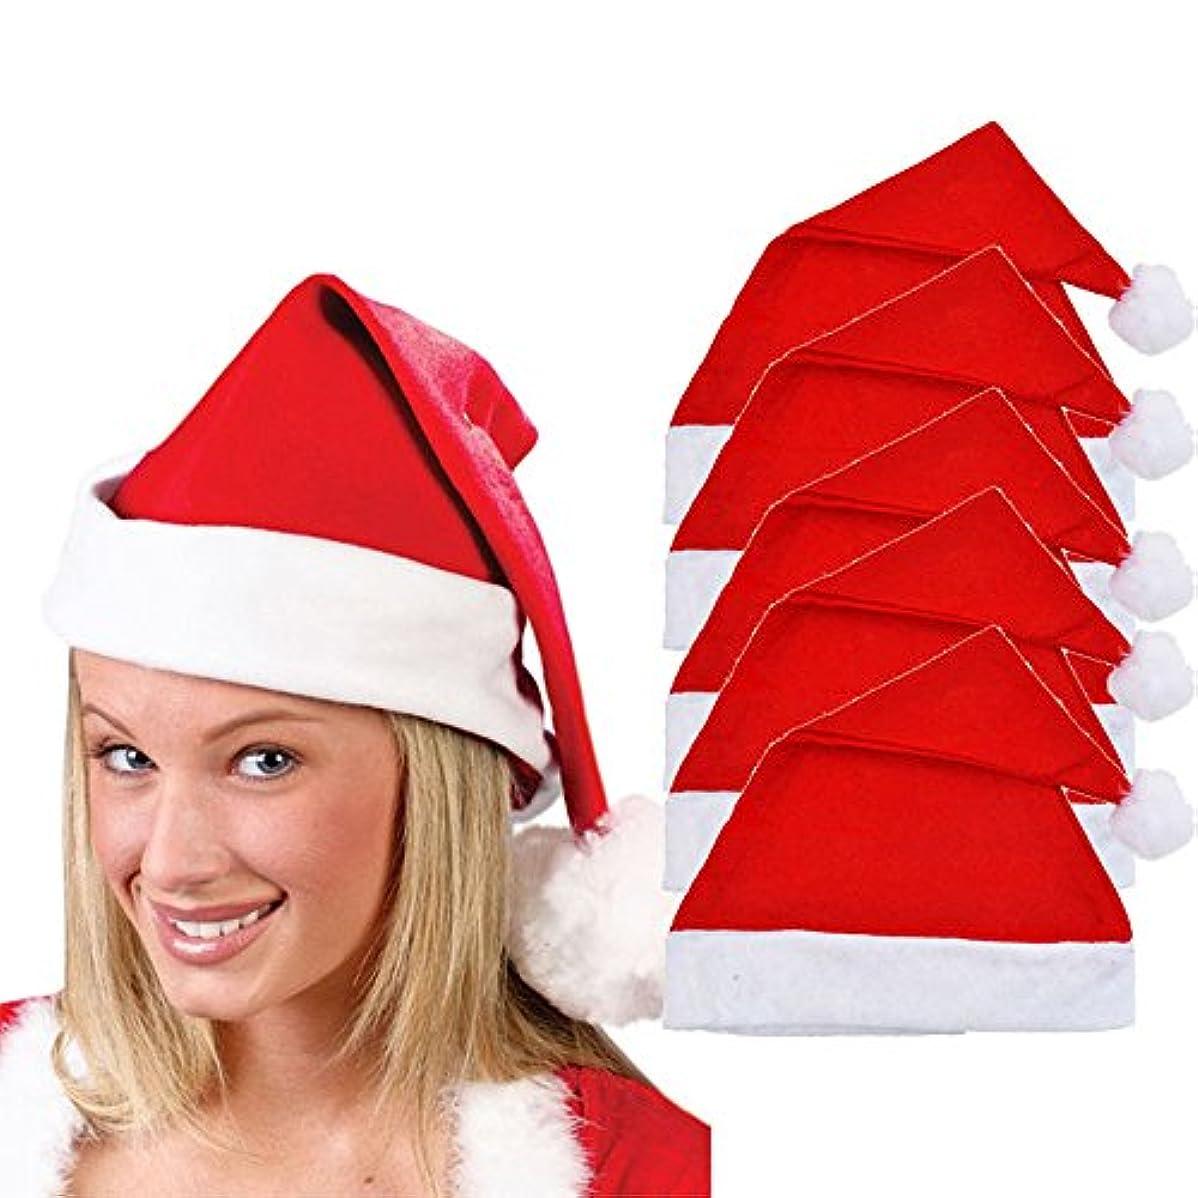 戦略クリスチャン詐欺Racazing クリスマスハット 5つの レッド Hat ライト ドームキャップ 防寒対策 通気性のある 防風 ニット帽 暖かい 軽量 屋外 スキー 自転車 クリスマス 男女兼用 Christmas Cap